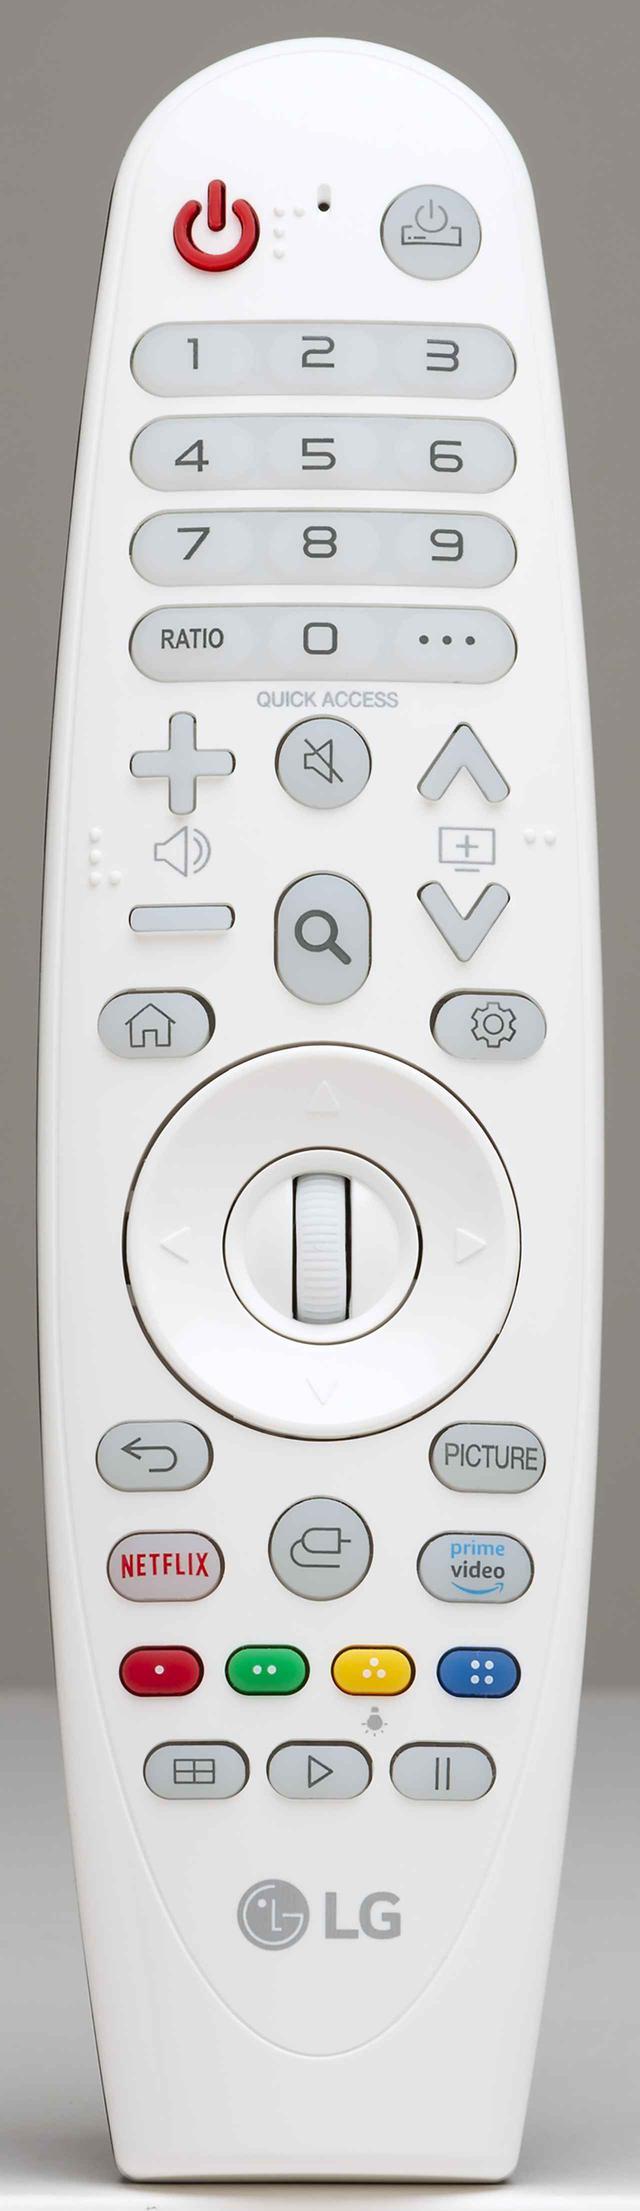 画像: ポインターのようにプロジェクター操作ができ、フォーカスの調整も可能。またネットフリックスやアマゾンプライム・ビデオを起動するショートカットボタンもある